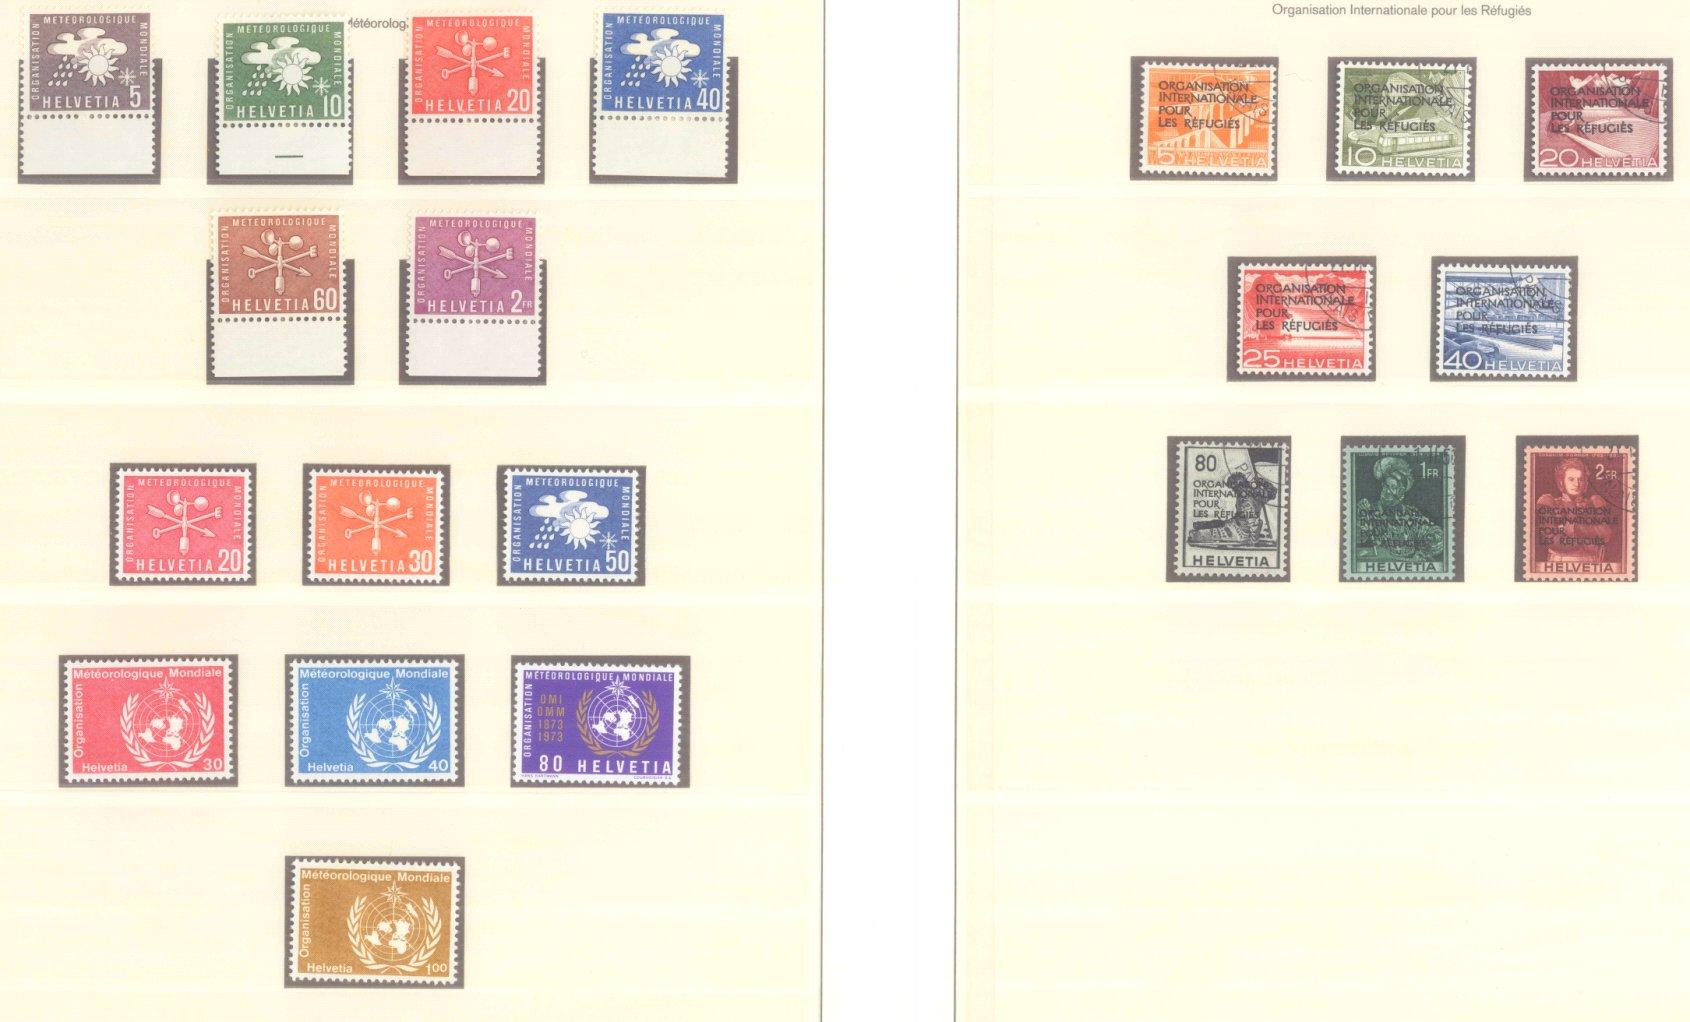 SCHWEIZ – INTERNATIONALE FLÜCHTLINGSORGANISATION 1950